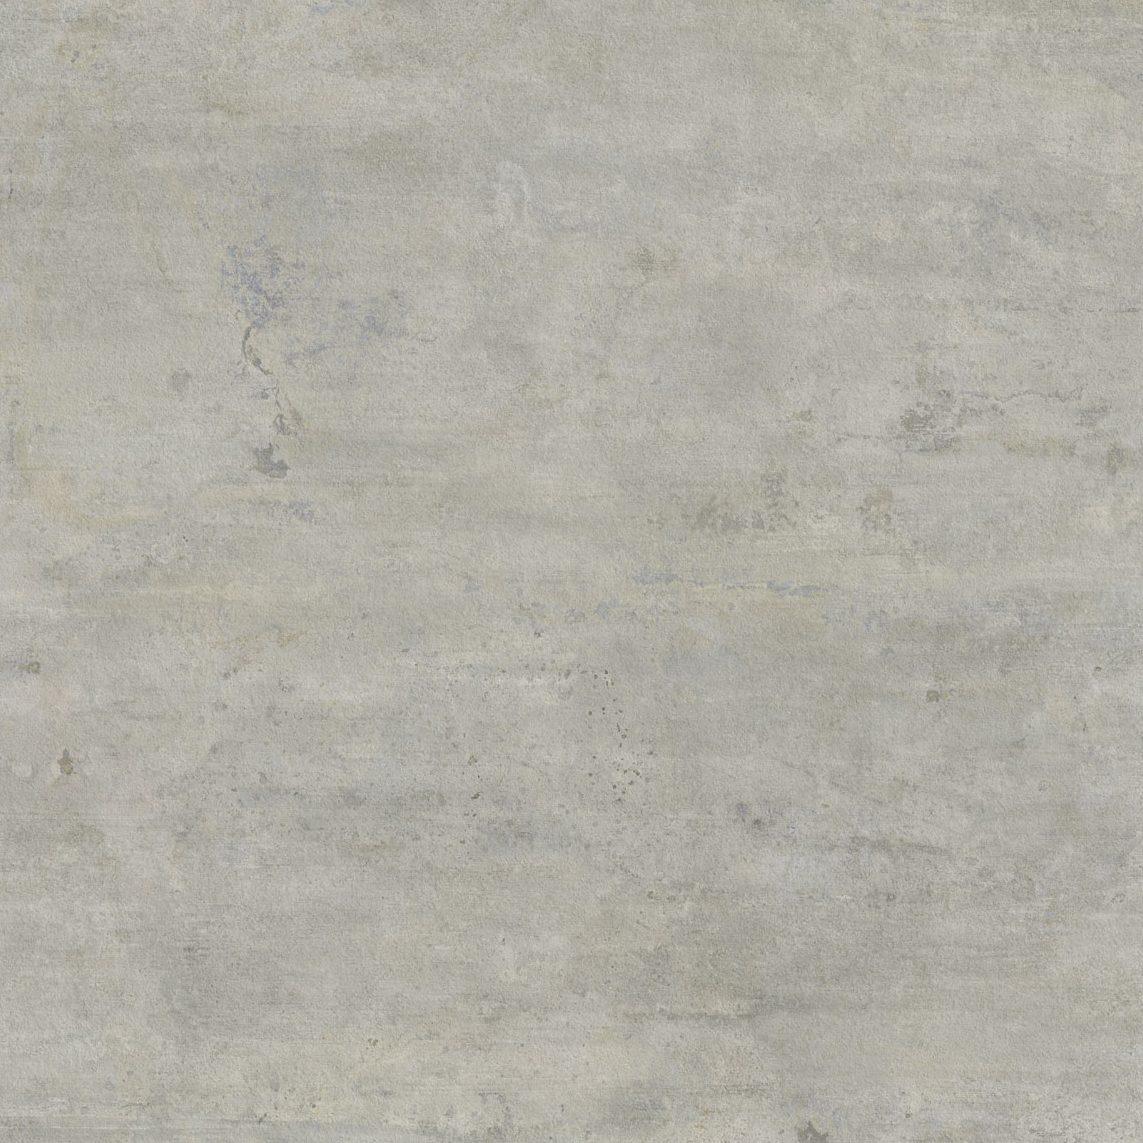 Neolith Beton Marble Trend Marble Granite Tiles